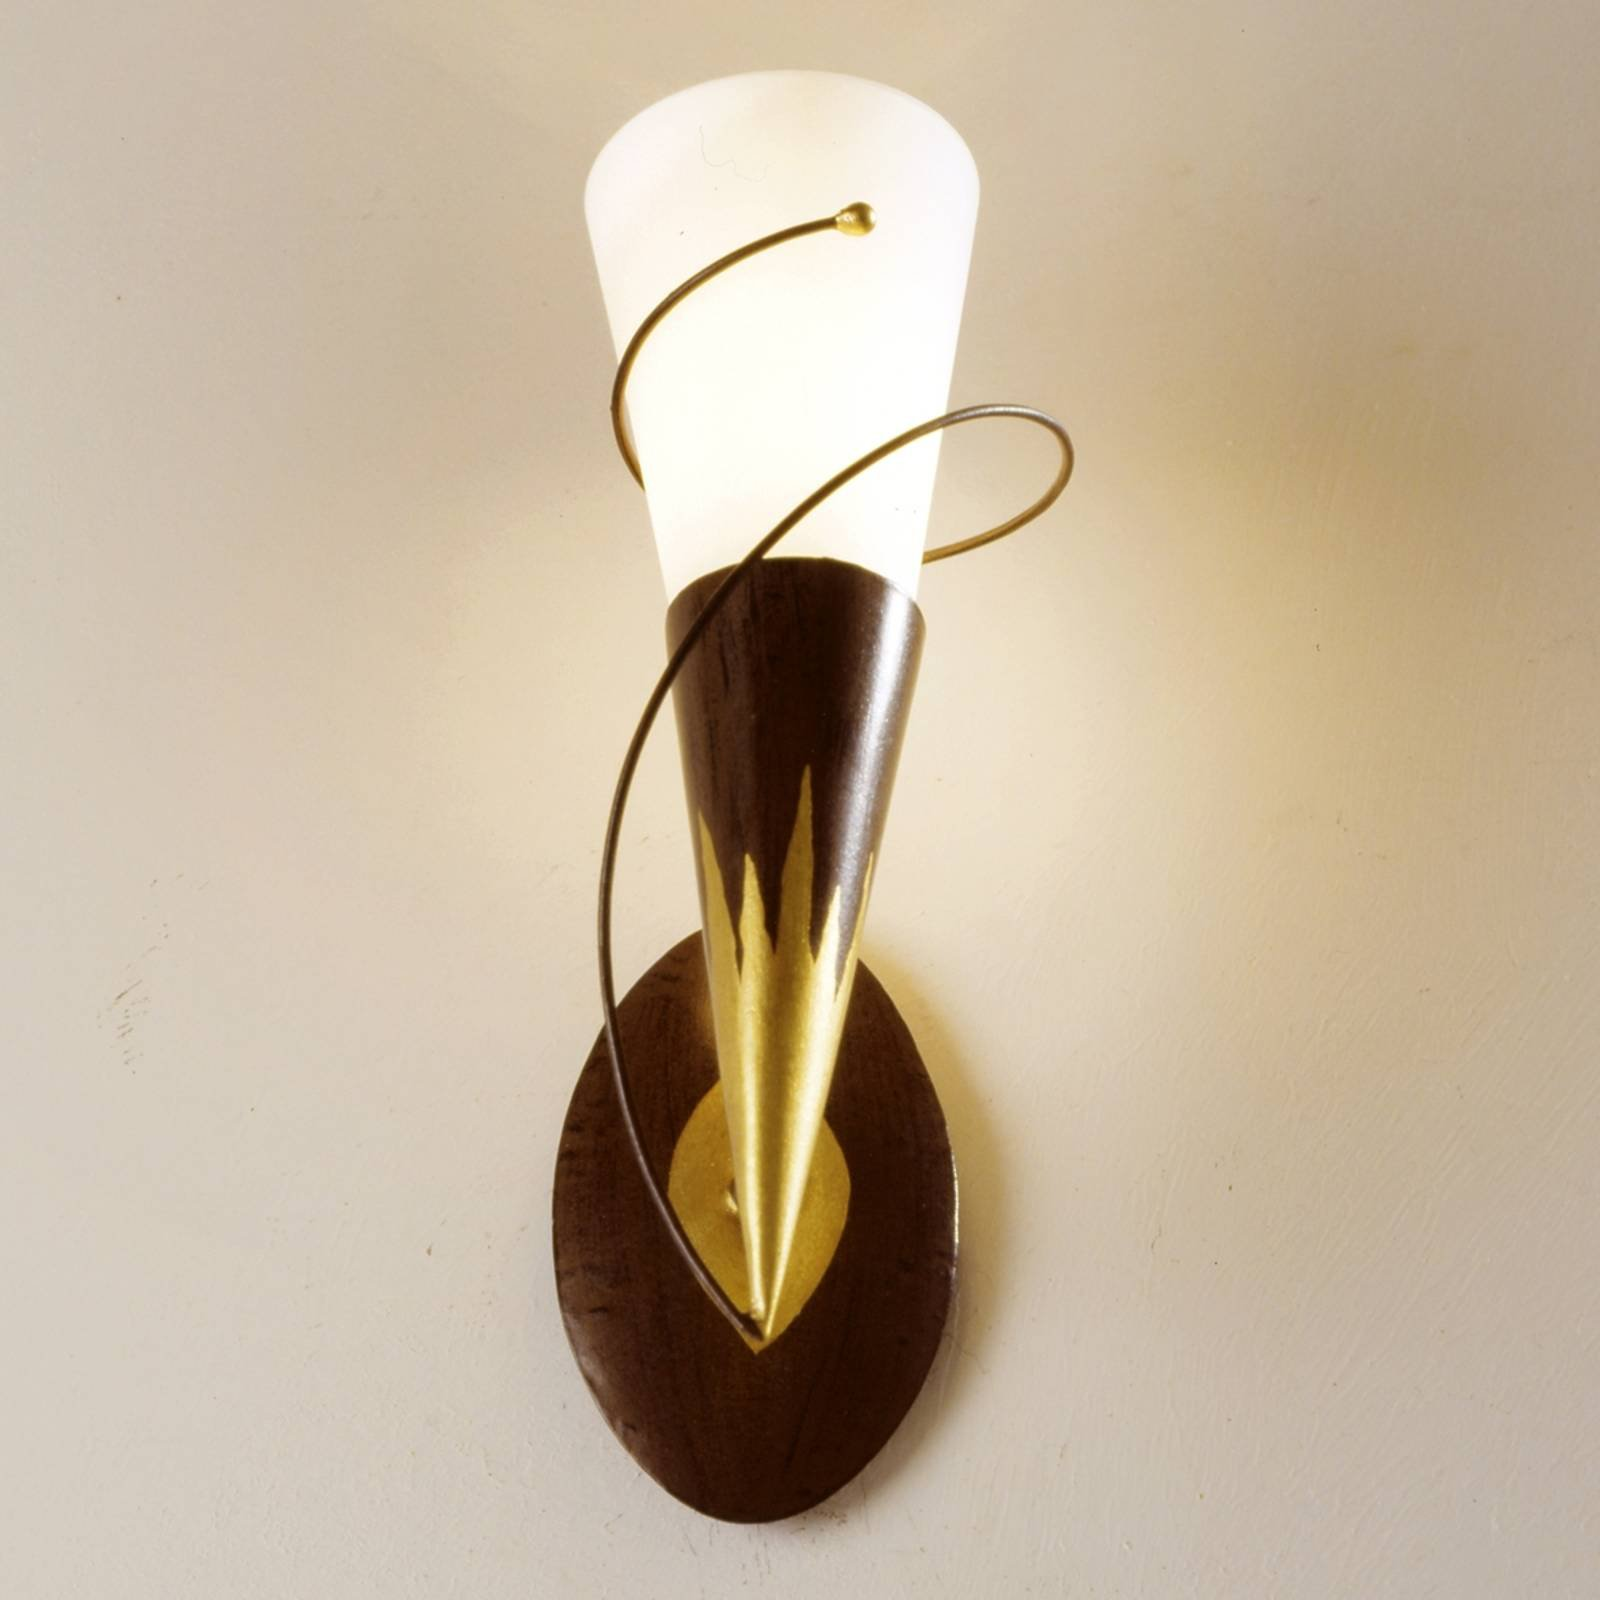 Torcia Spirale vegglampe med ett lys